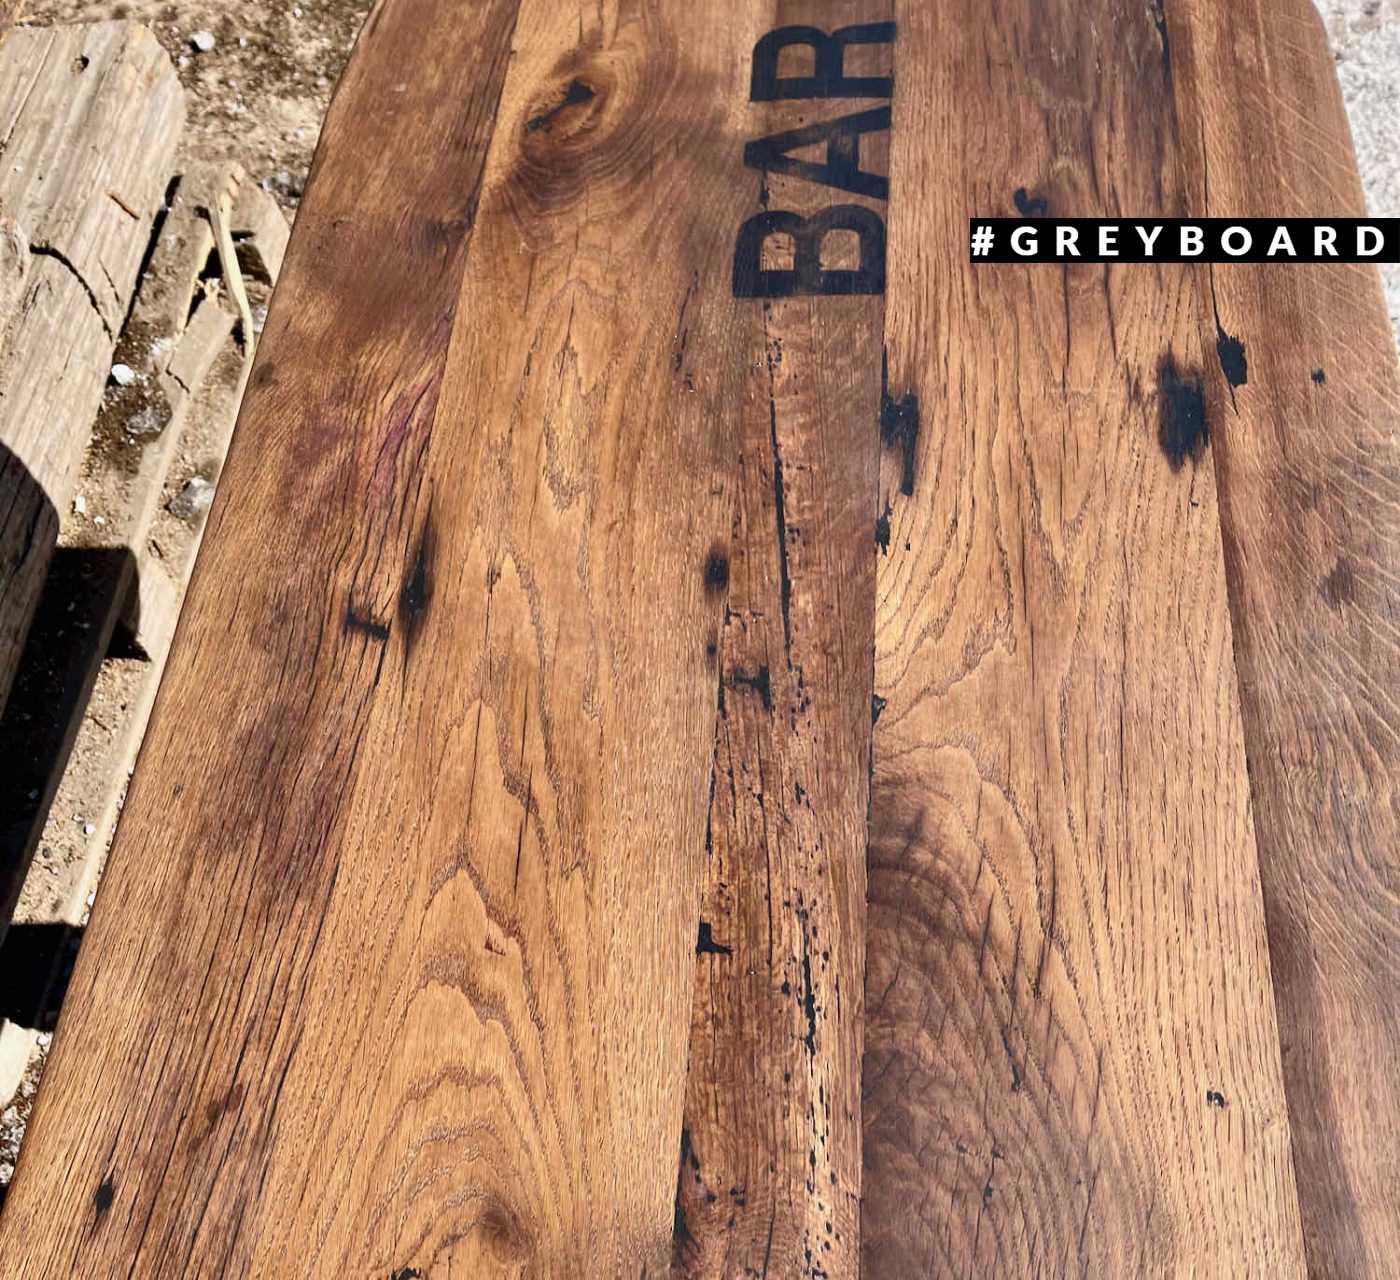 Столешница из старой доски с надписью